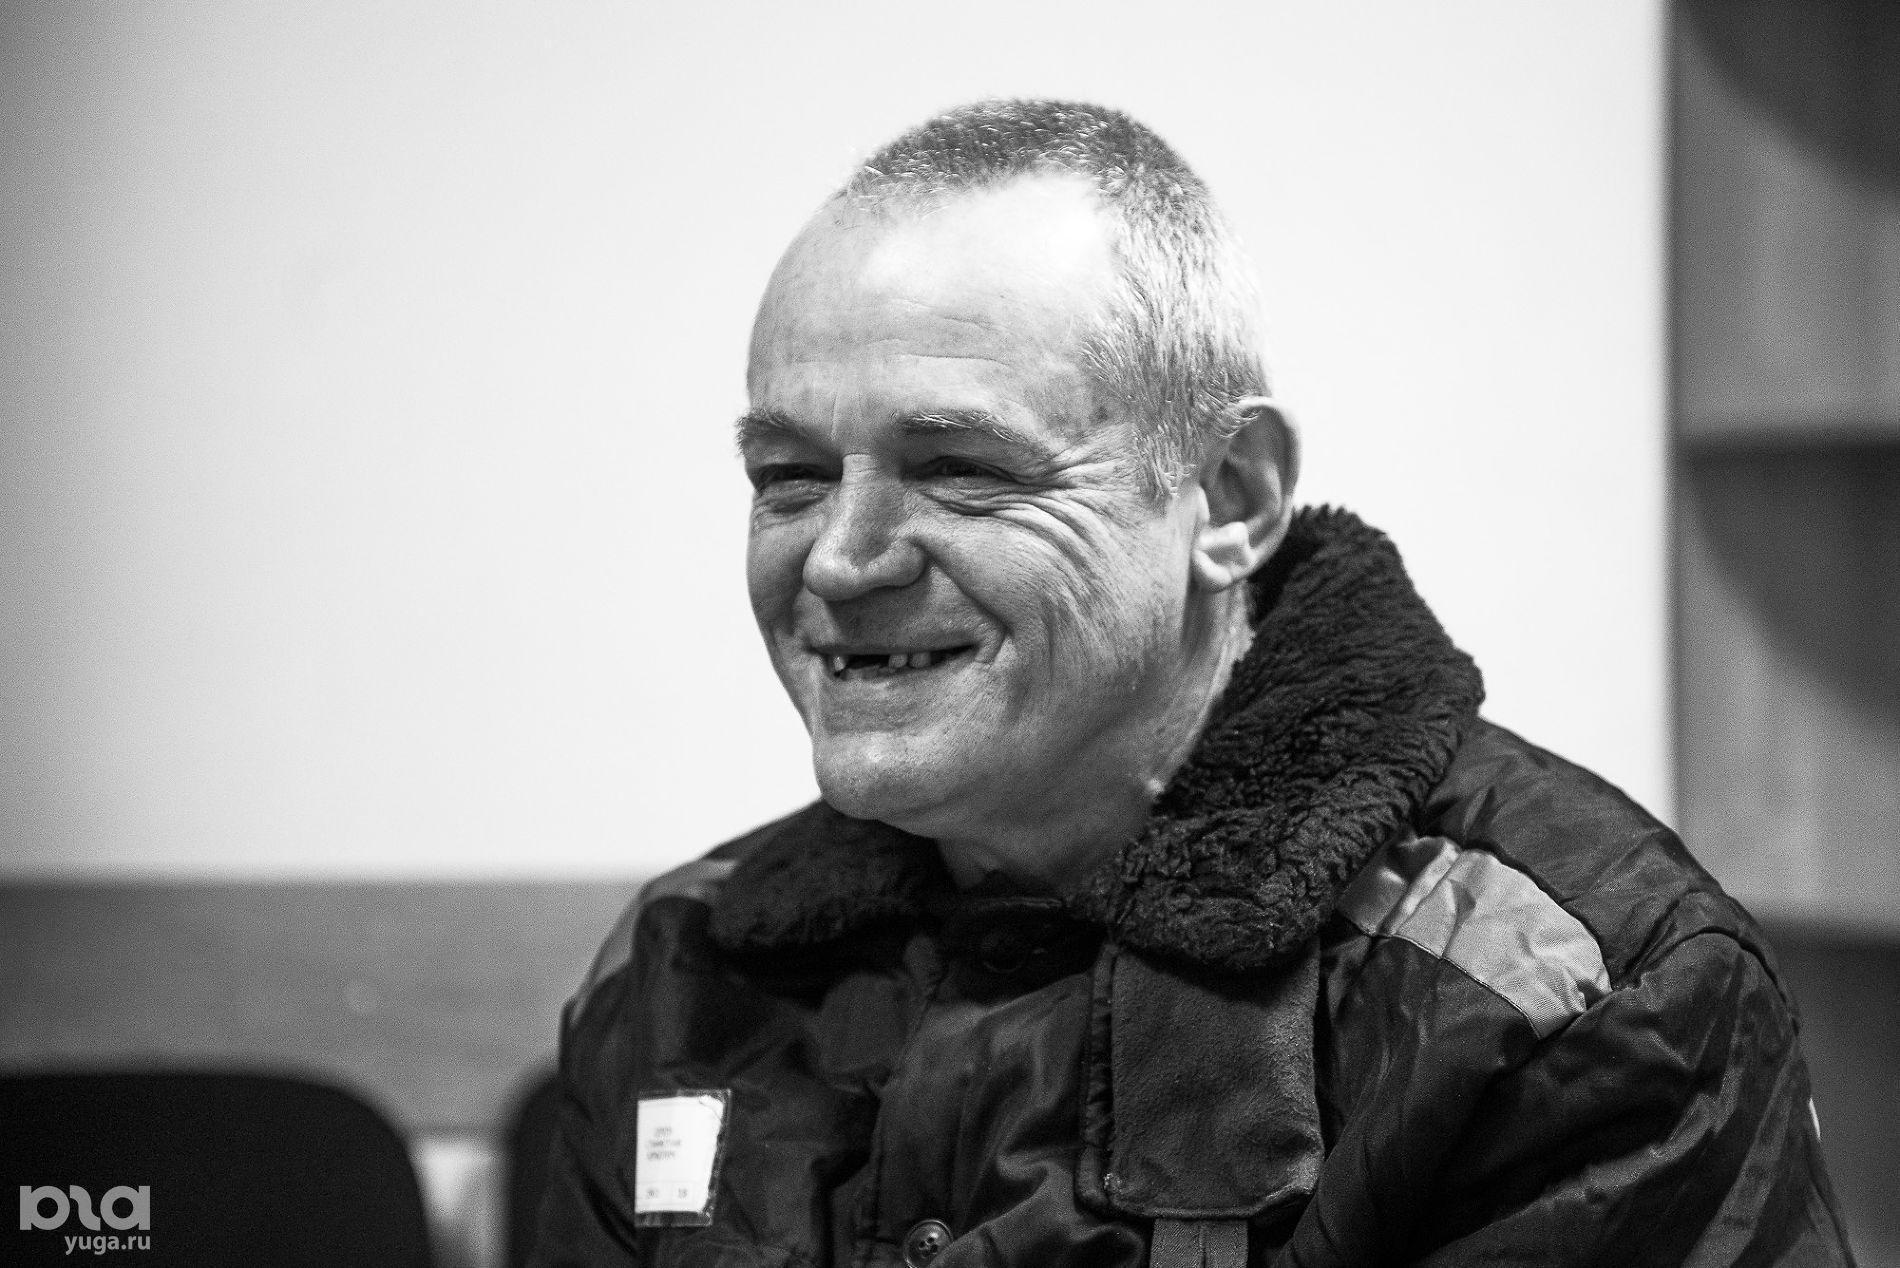 Интервью из колонии строгого режима с художником Стасом Серовым ©Фото Елены Синеок, Юга.ру